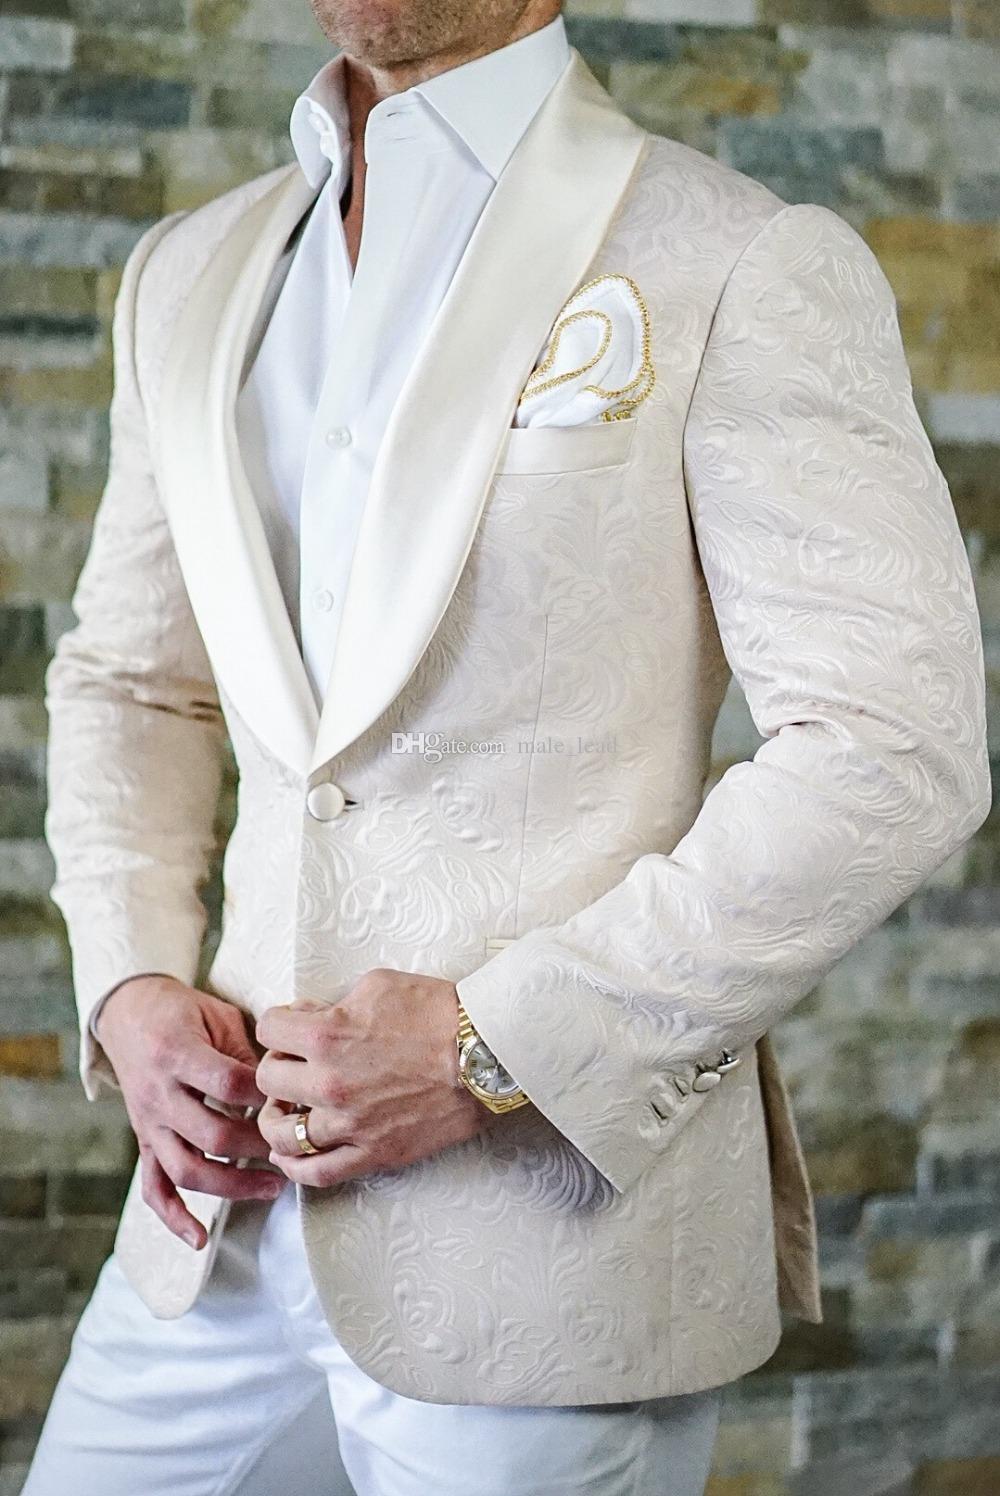 Мода тиснение жениха смокинги платок отворот жениха мужская свадебное платье мужской пиджак пиджак выпускного вечера 2 шт костюм (куртка + брюки + галстук) A07